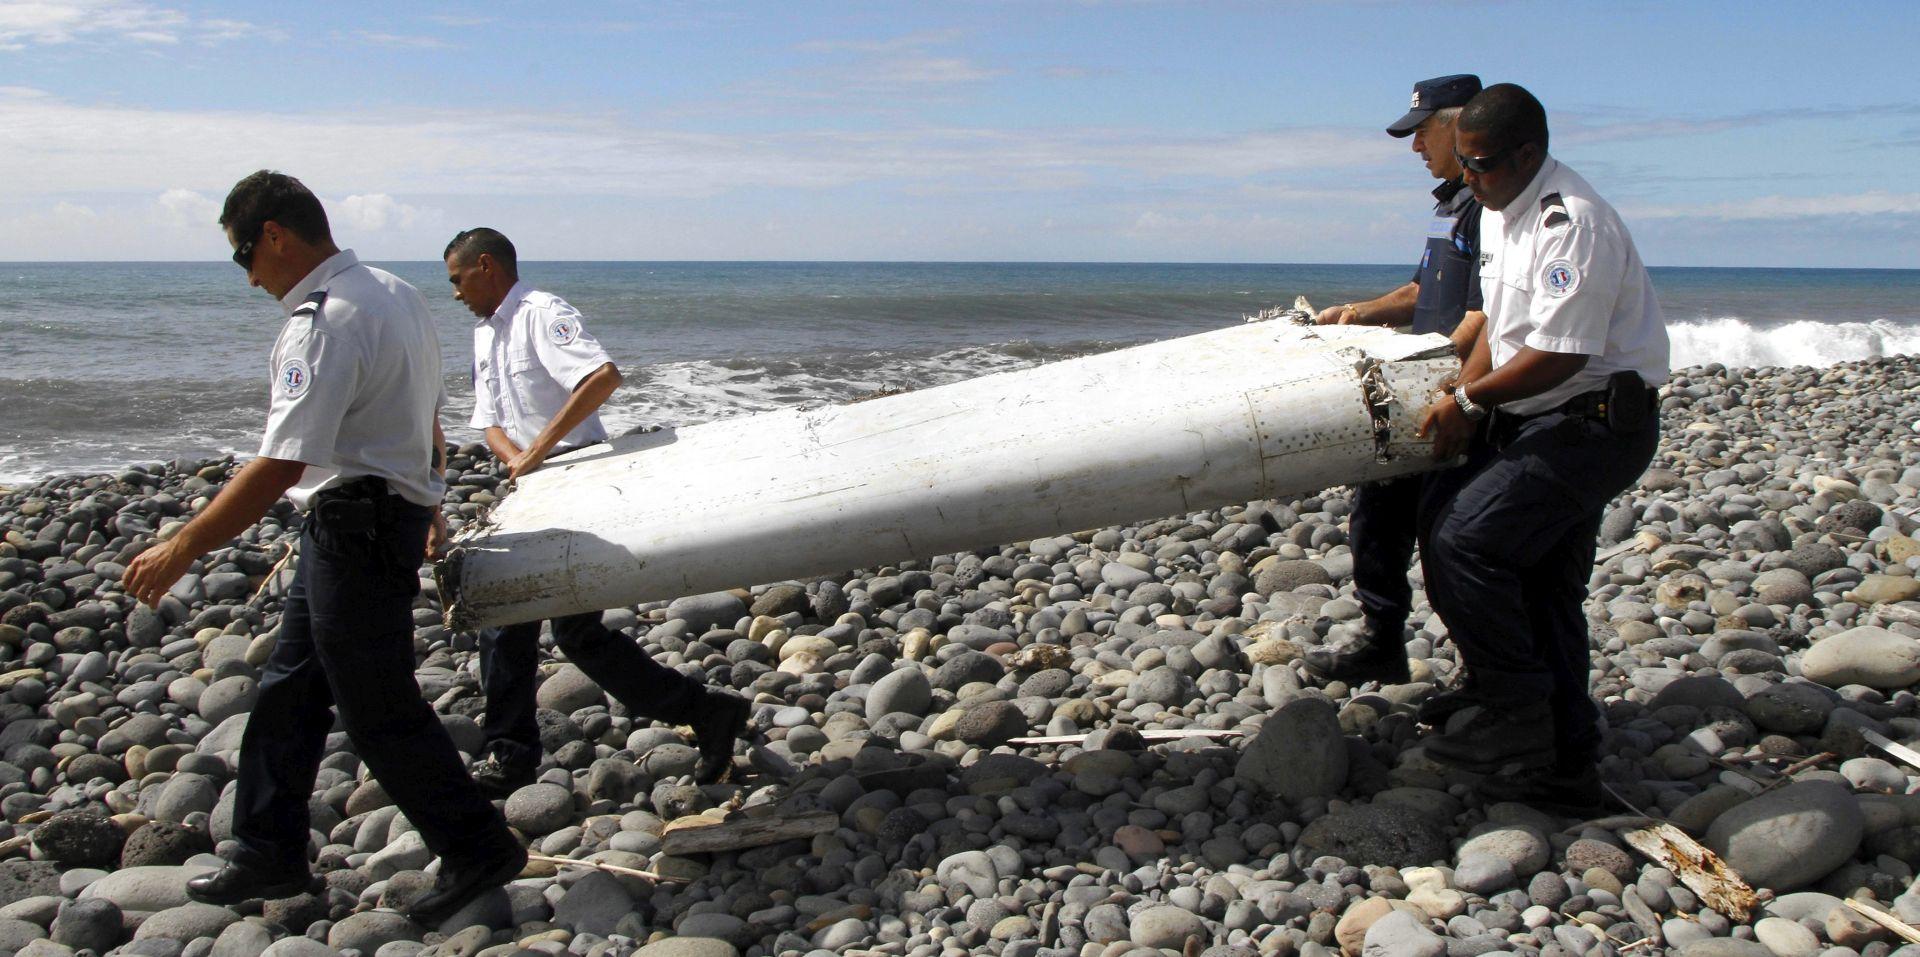 ANALIZE STRUČNJAKA POTVRDILE Dio zrakoplovnog krila s Reuniona pripada nestalom MH370